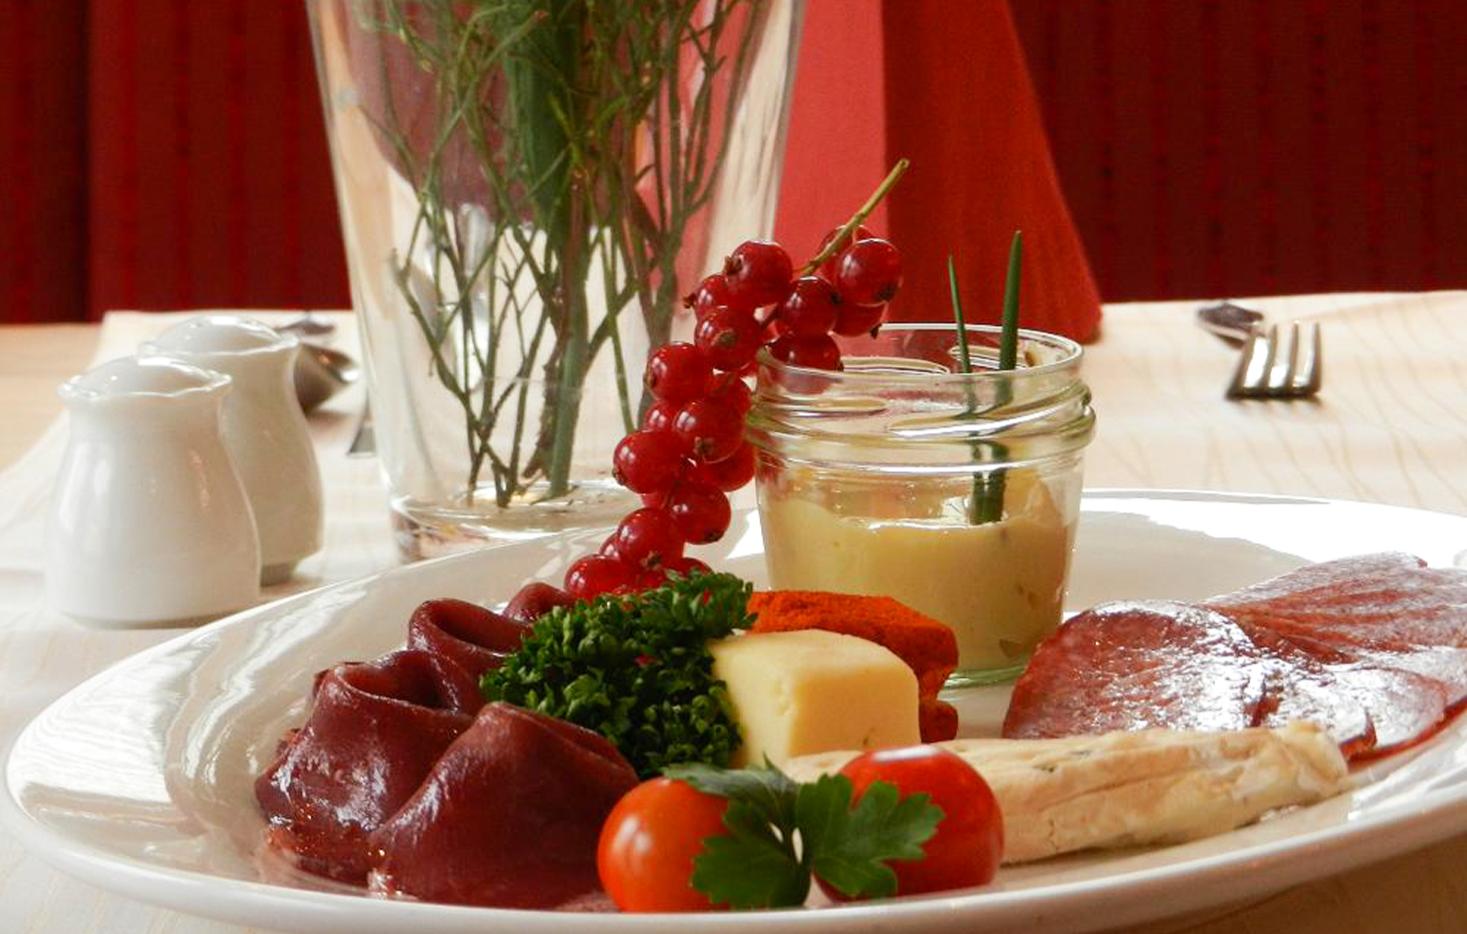 kabarett-dinner-aurich-bg3